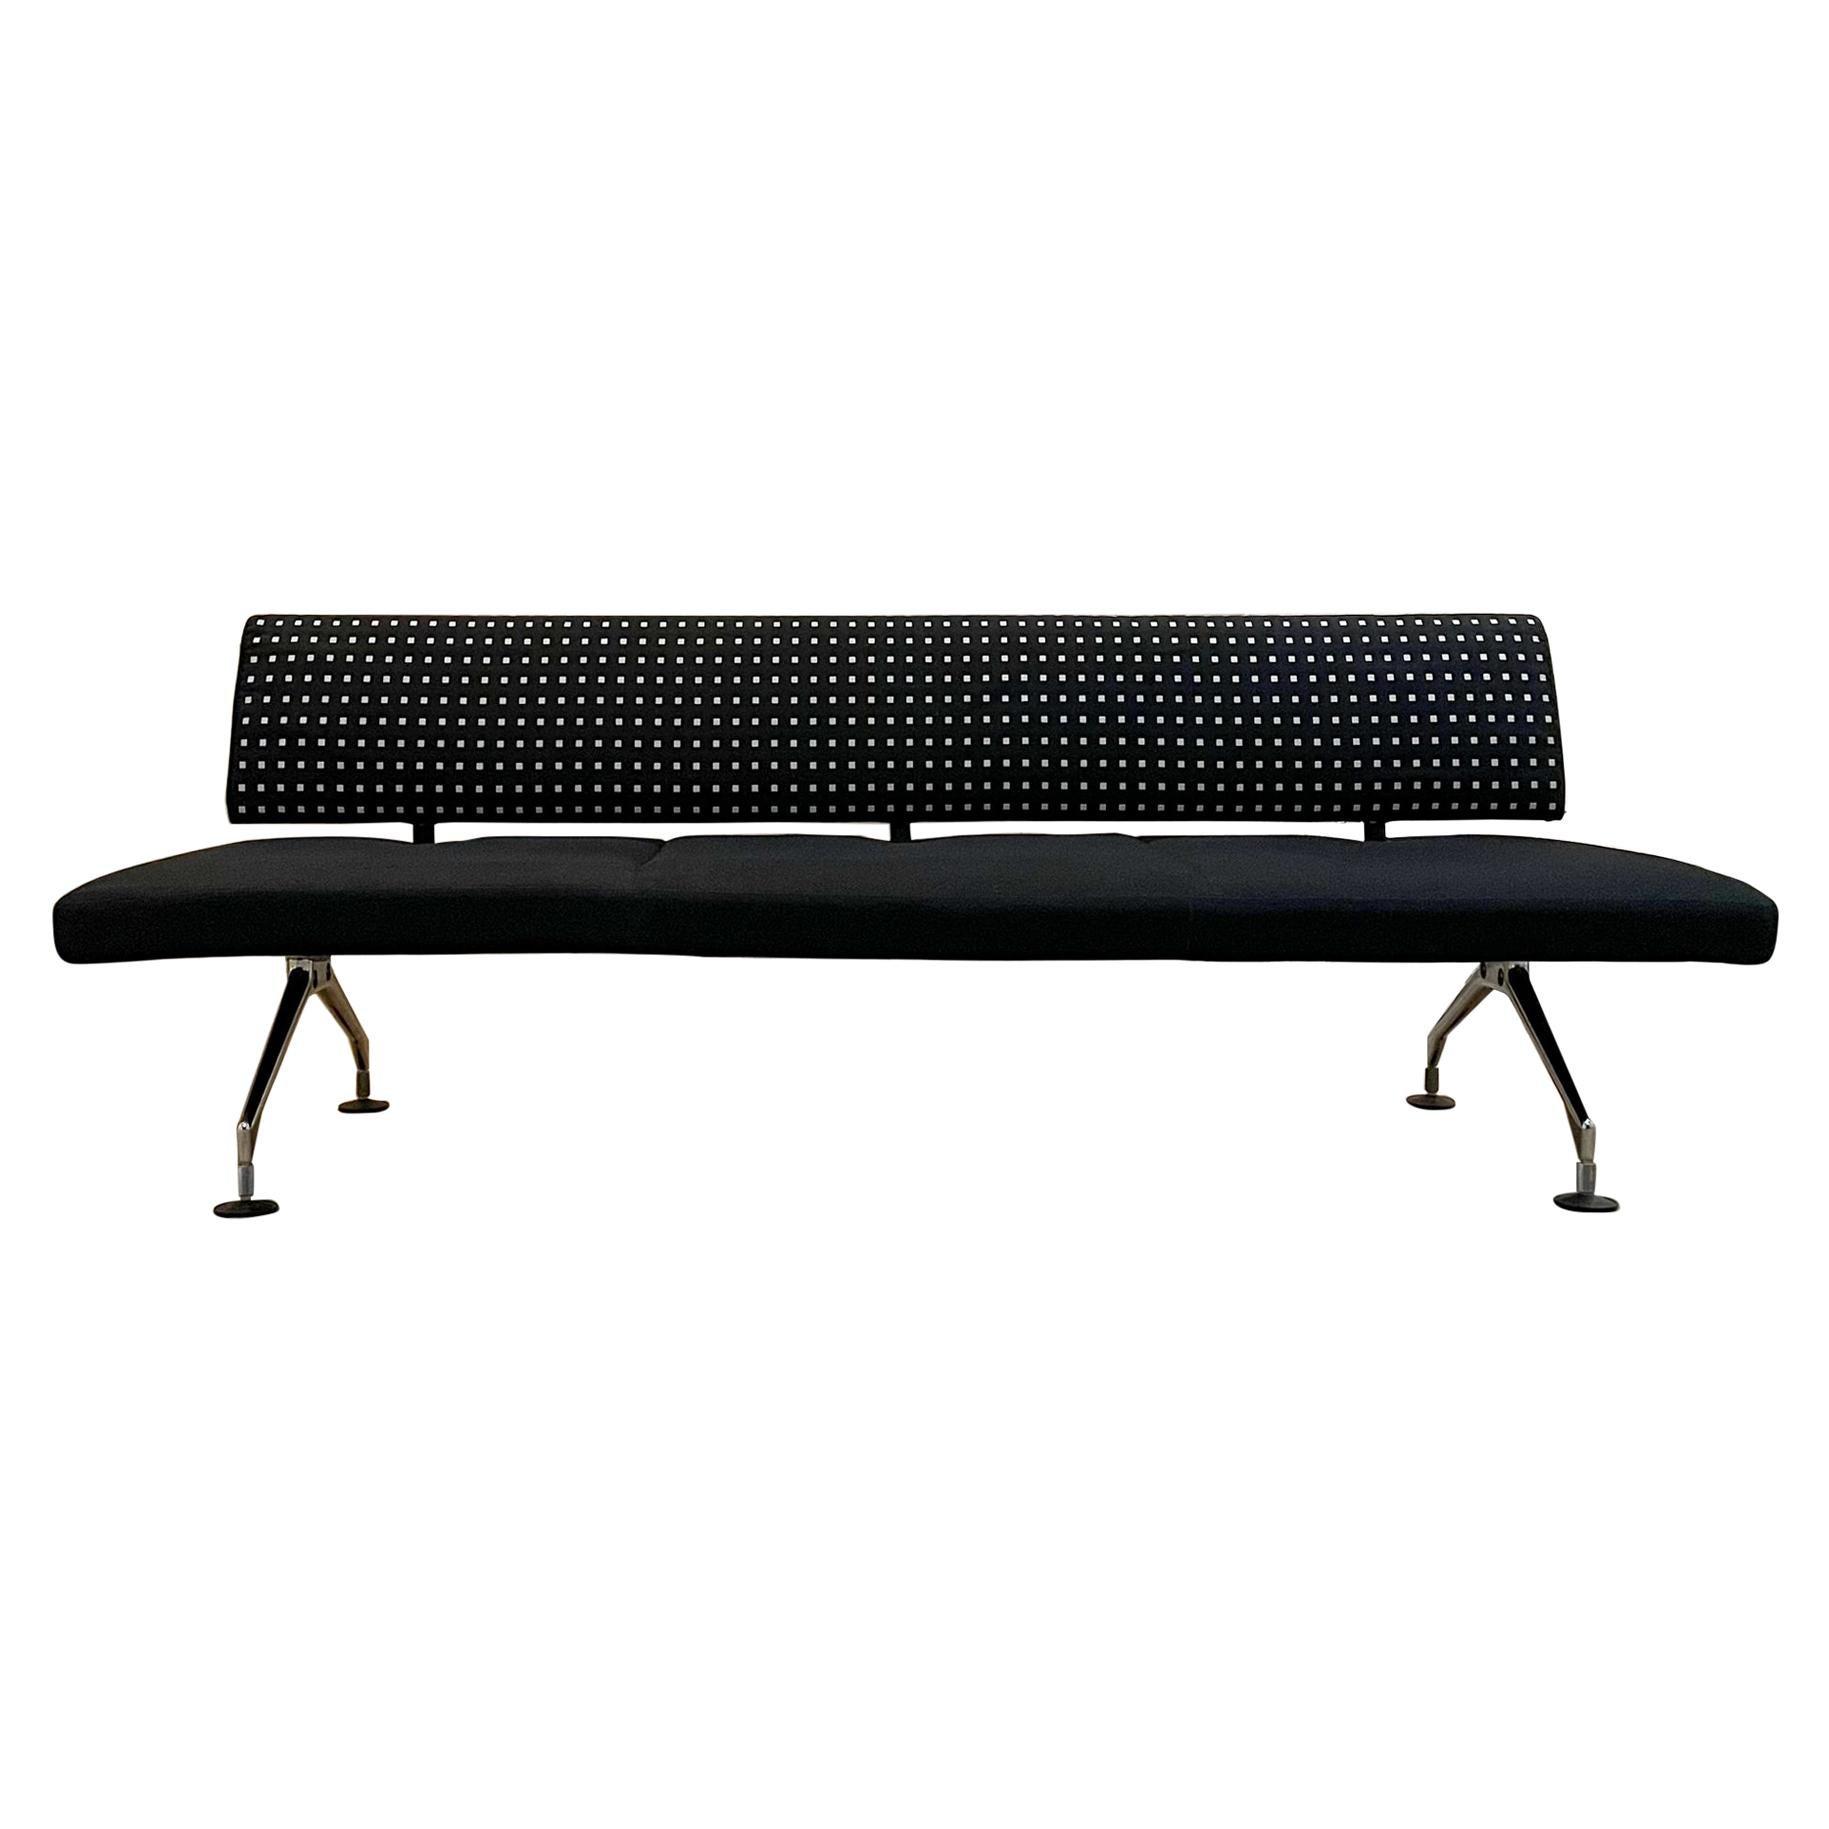 Italian Antonio Citterio for Vitra Modern 3-Seater Sofa in Cast Aluminum, 1990s